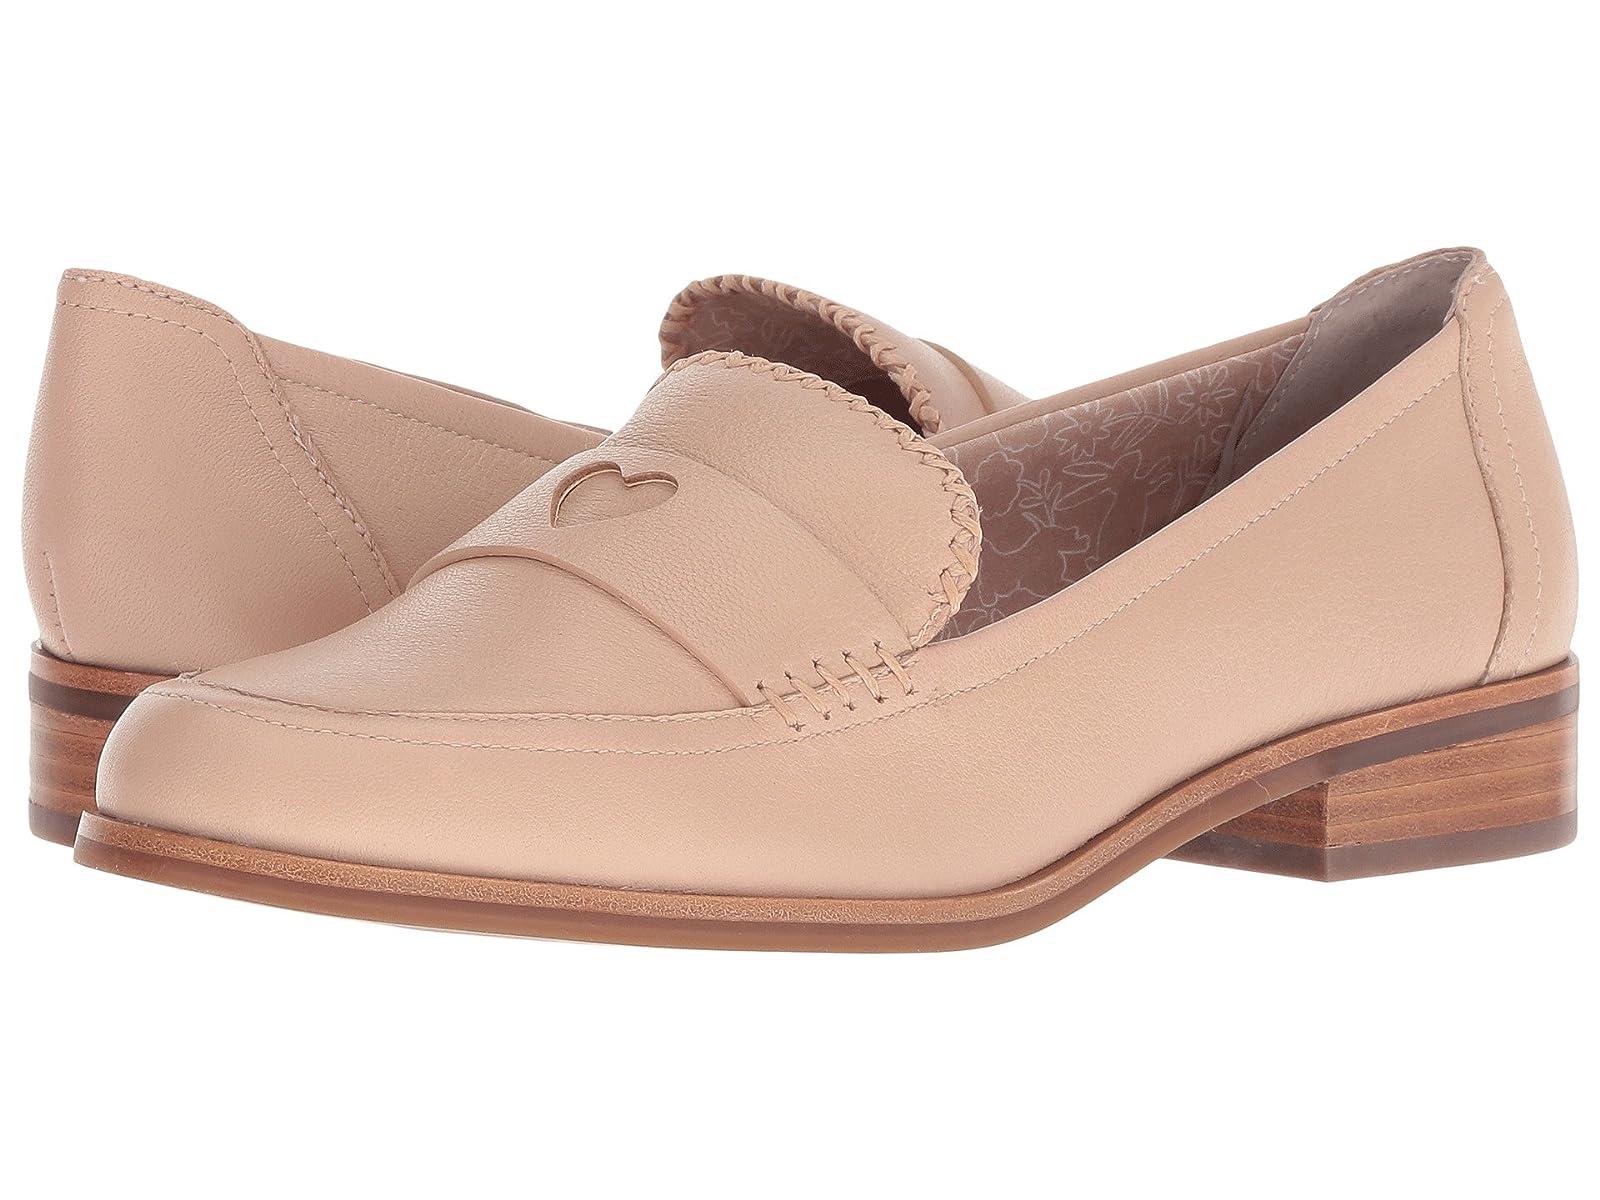 ED Ellen DeGeneres LaddieAtmospheric grades have affordable shoes